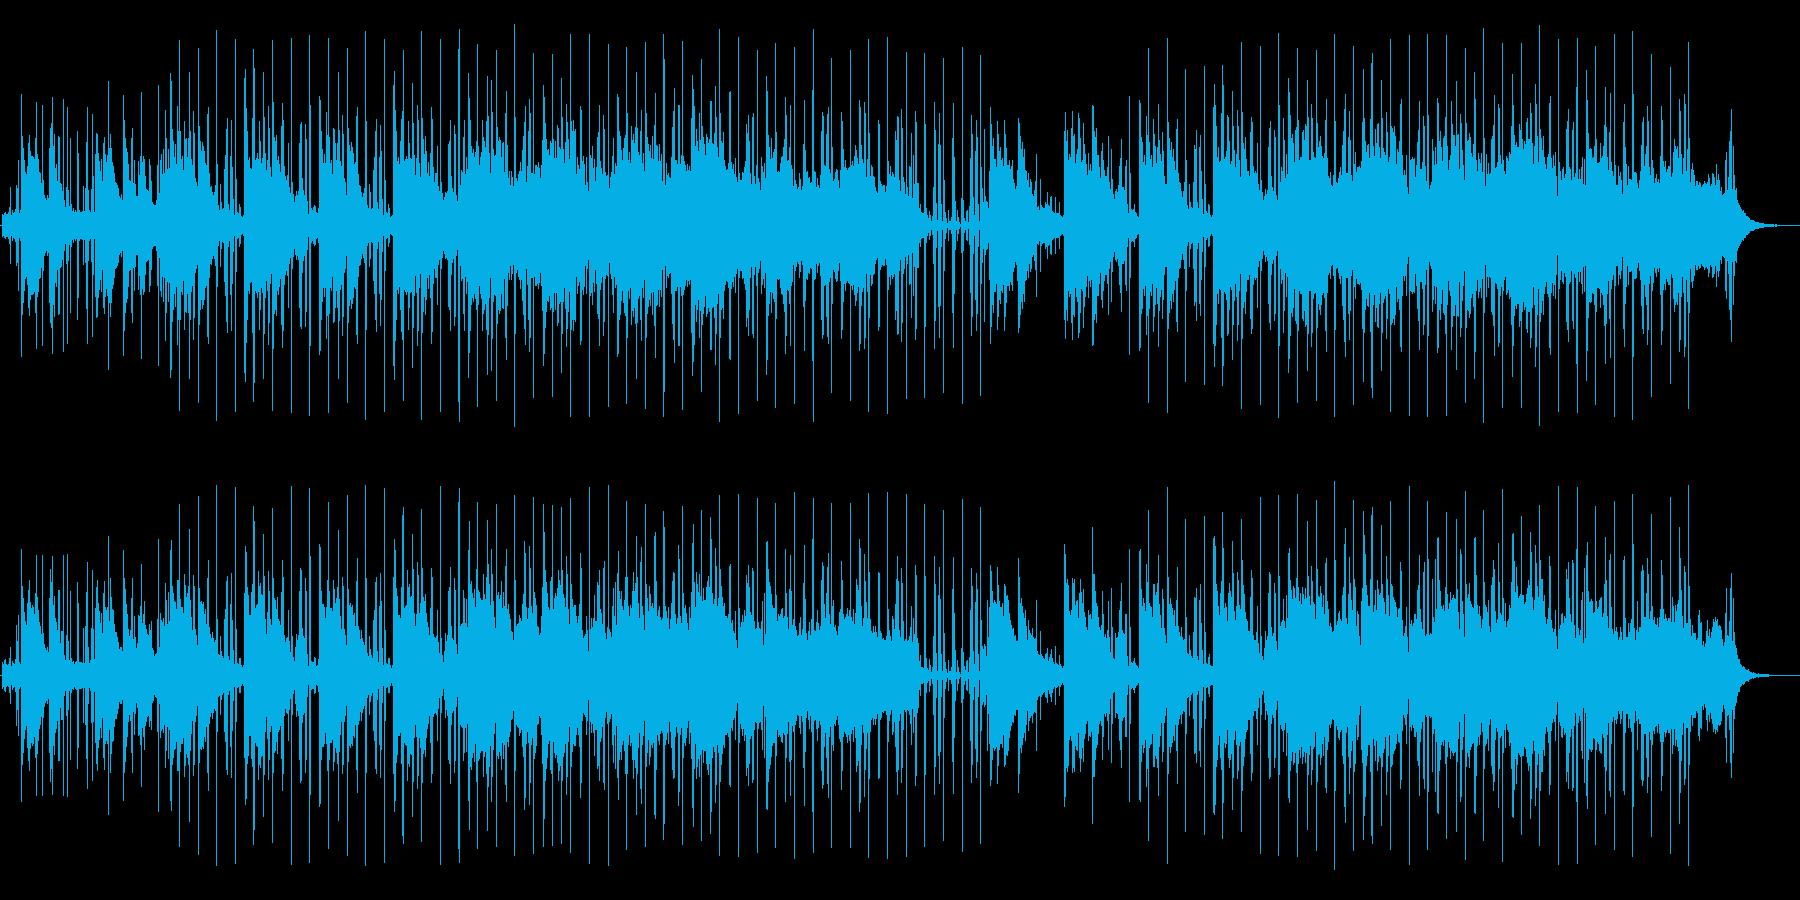 ヒップホップ系アシッドジャズの再生済みの波形